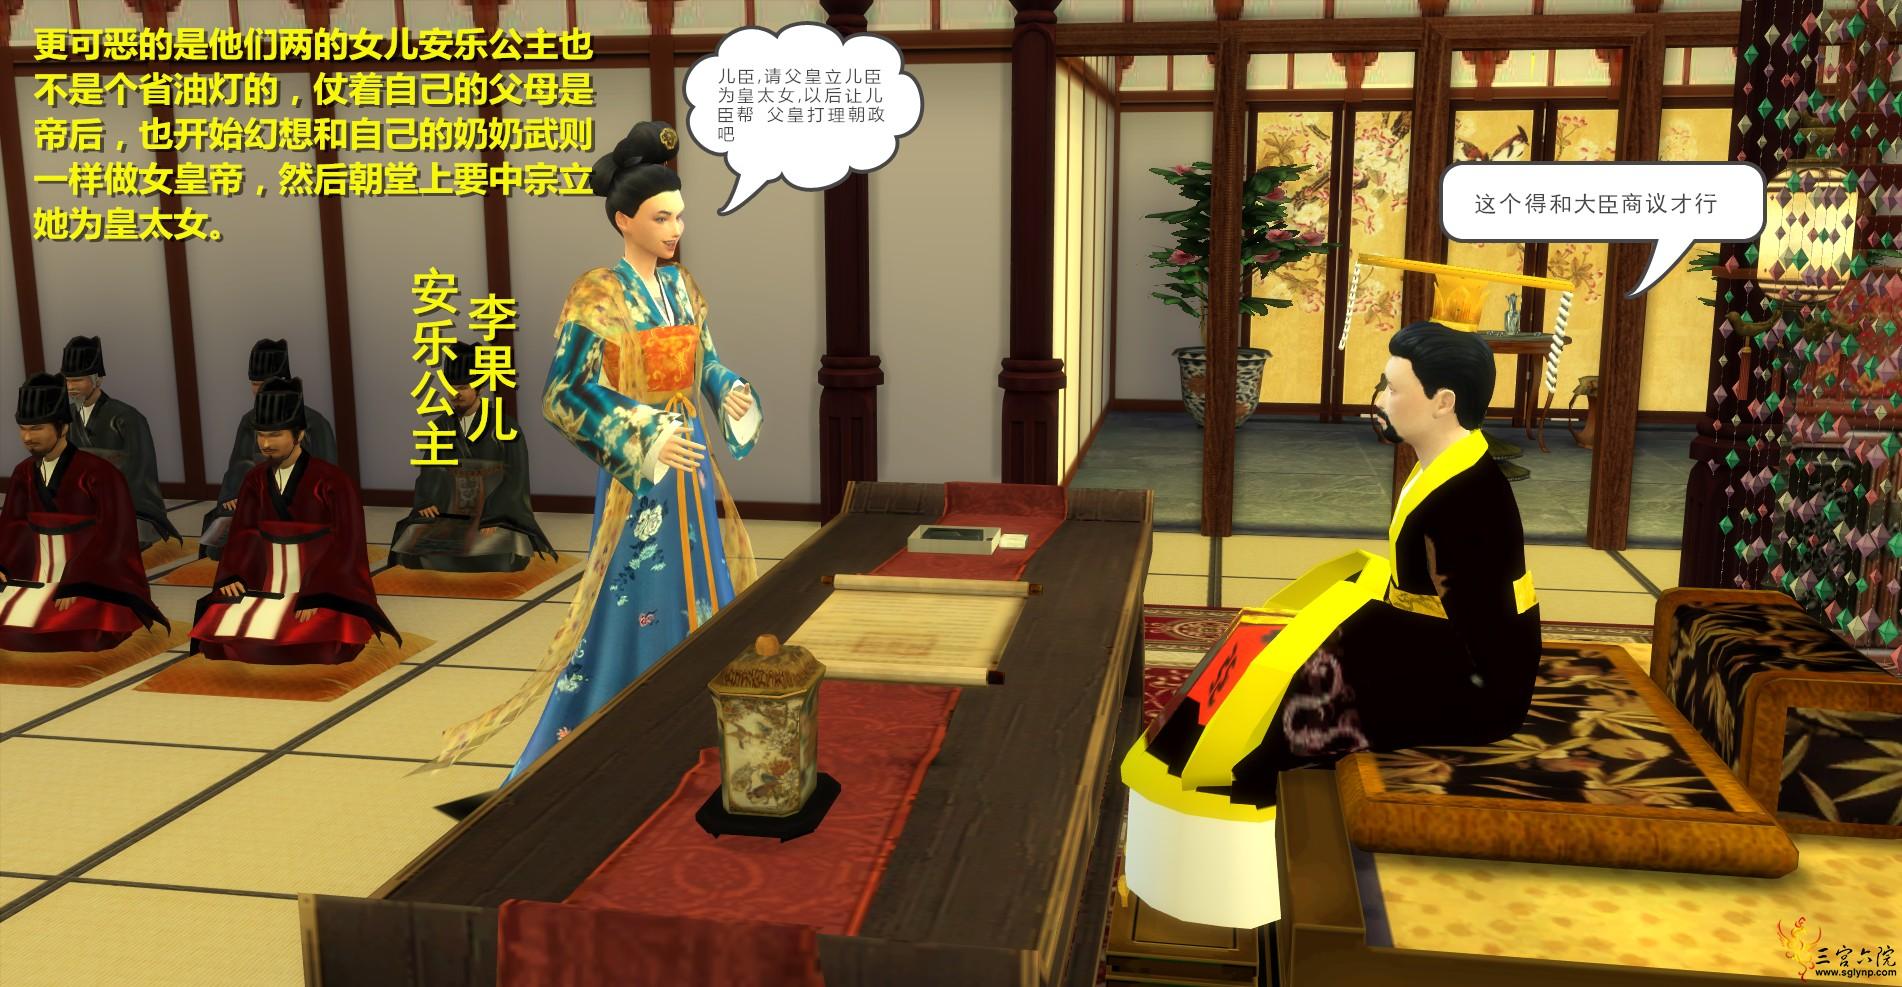 2020-9-23_13-11-36_副本.png